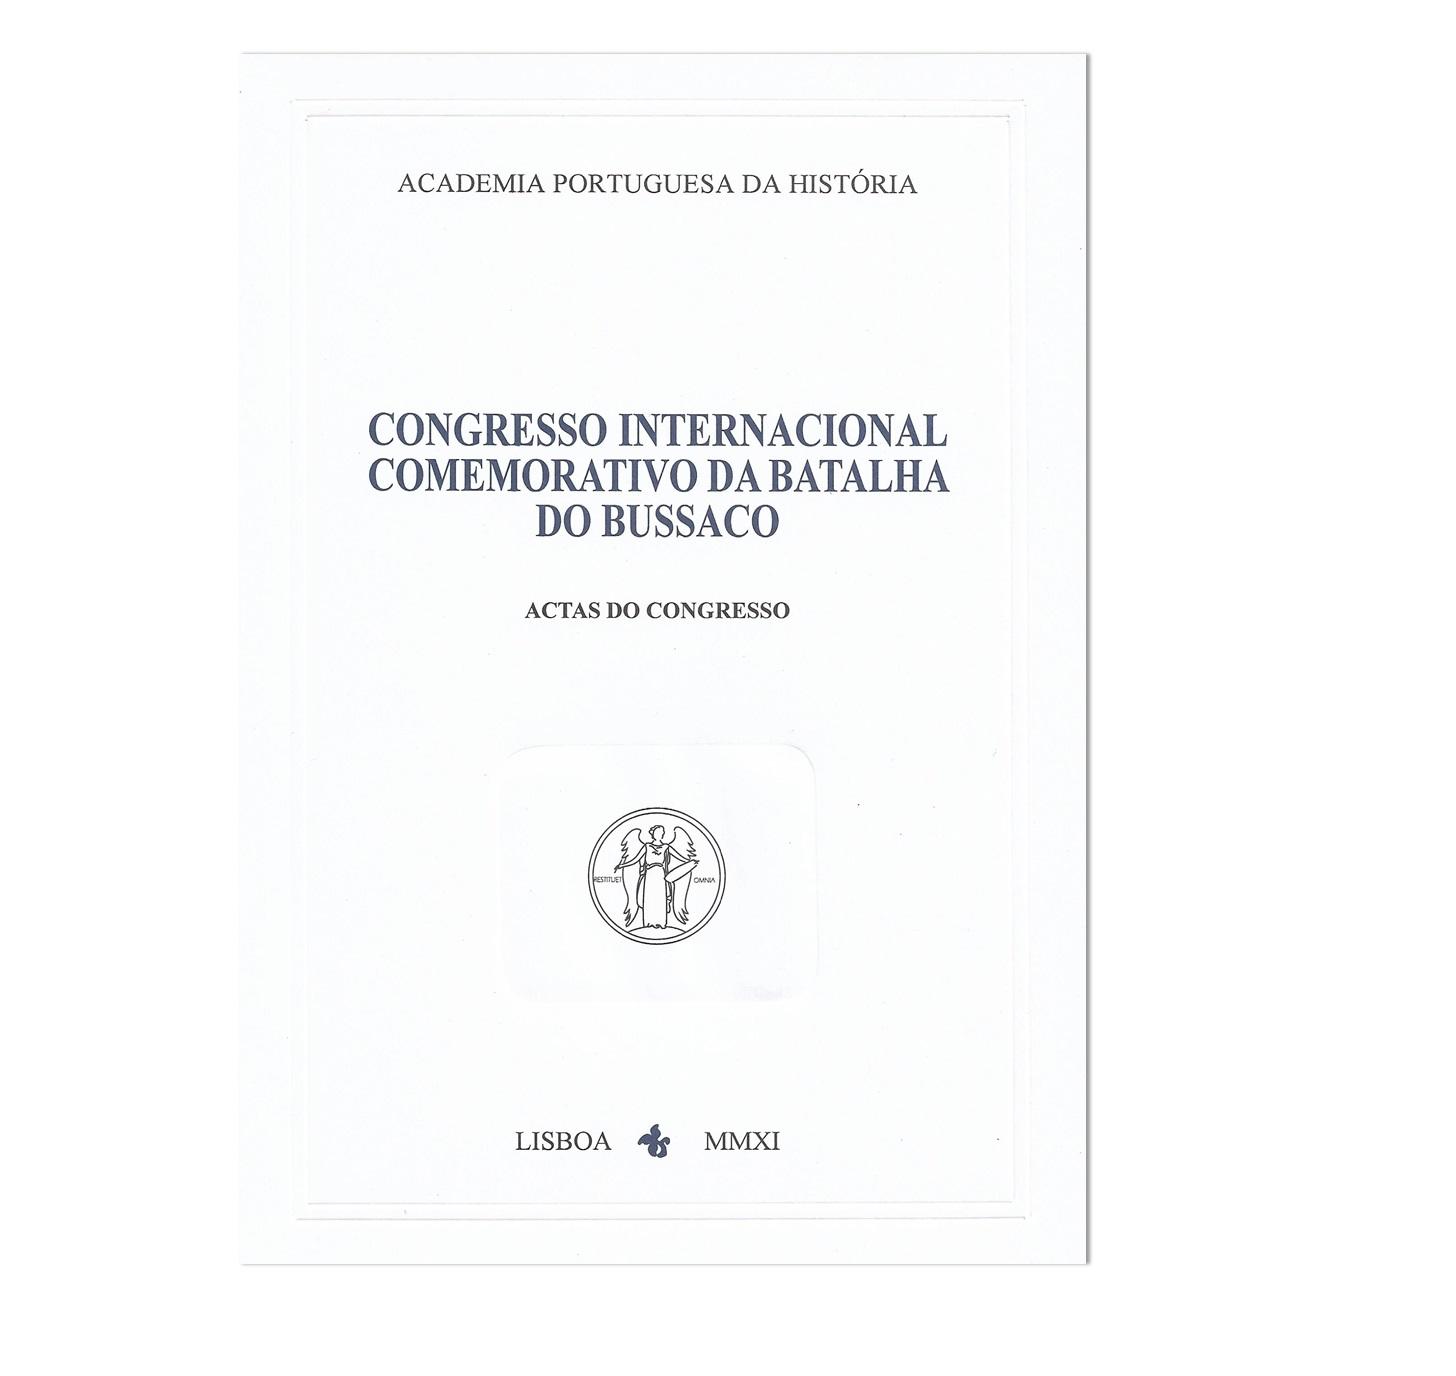 CONGRESSO INTERNACIONAL COMEMORATIVO DA BATALHA DO BUSSACO